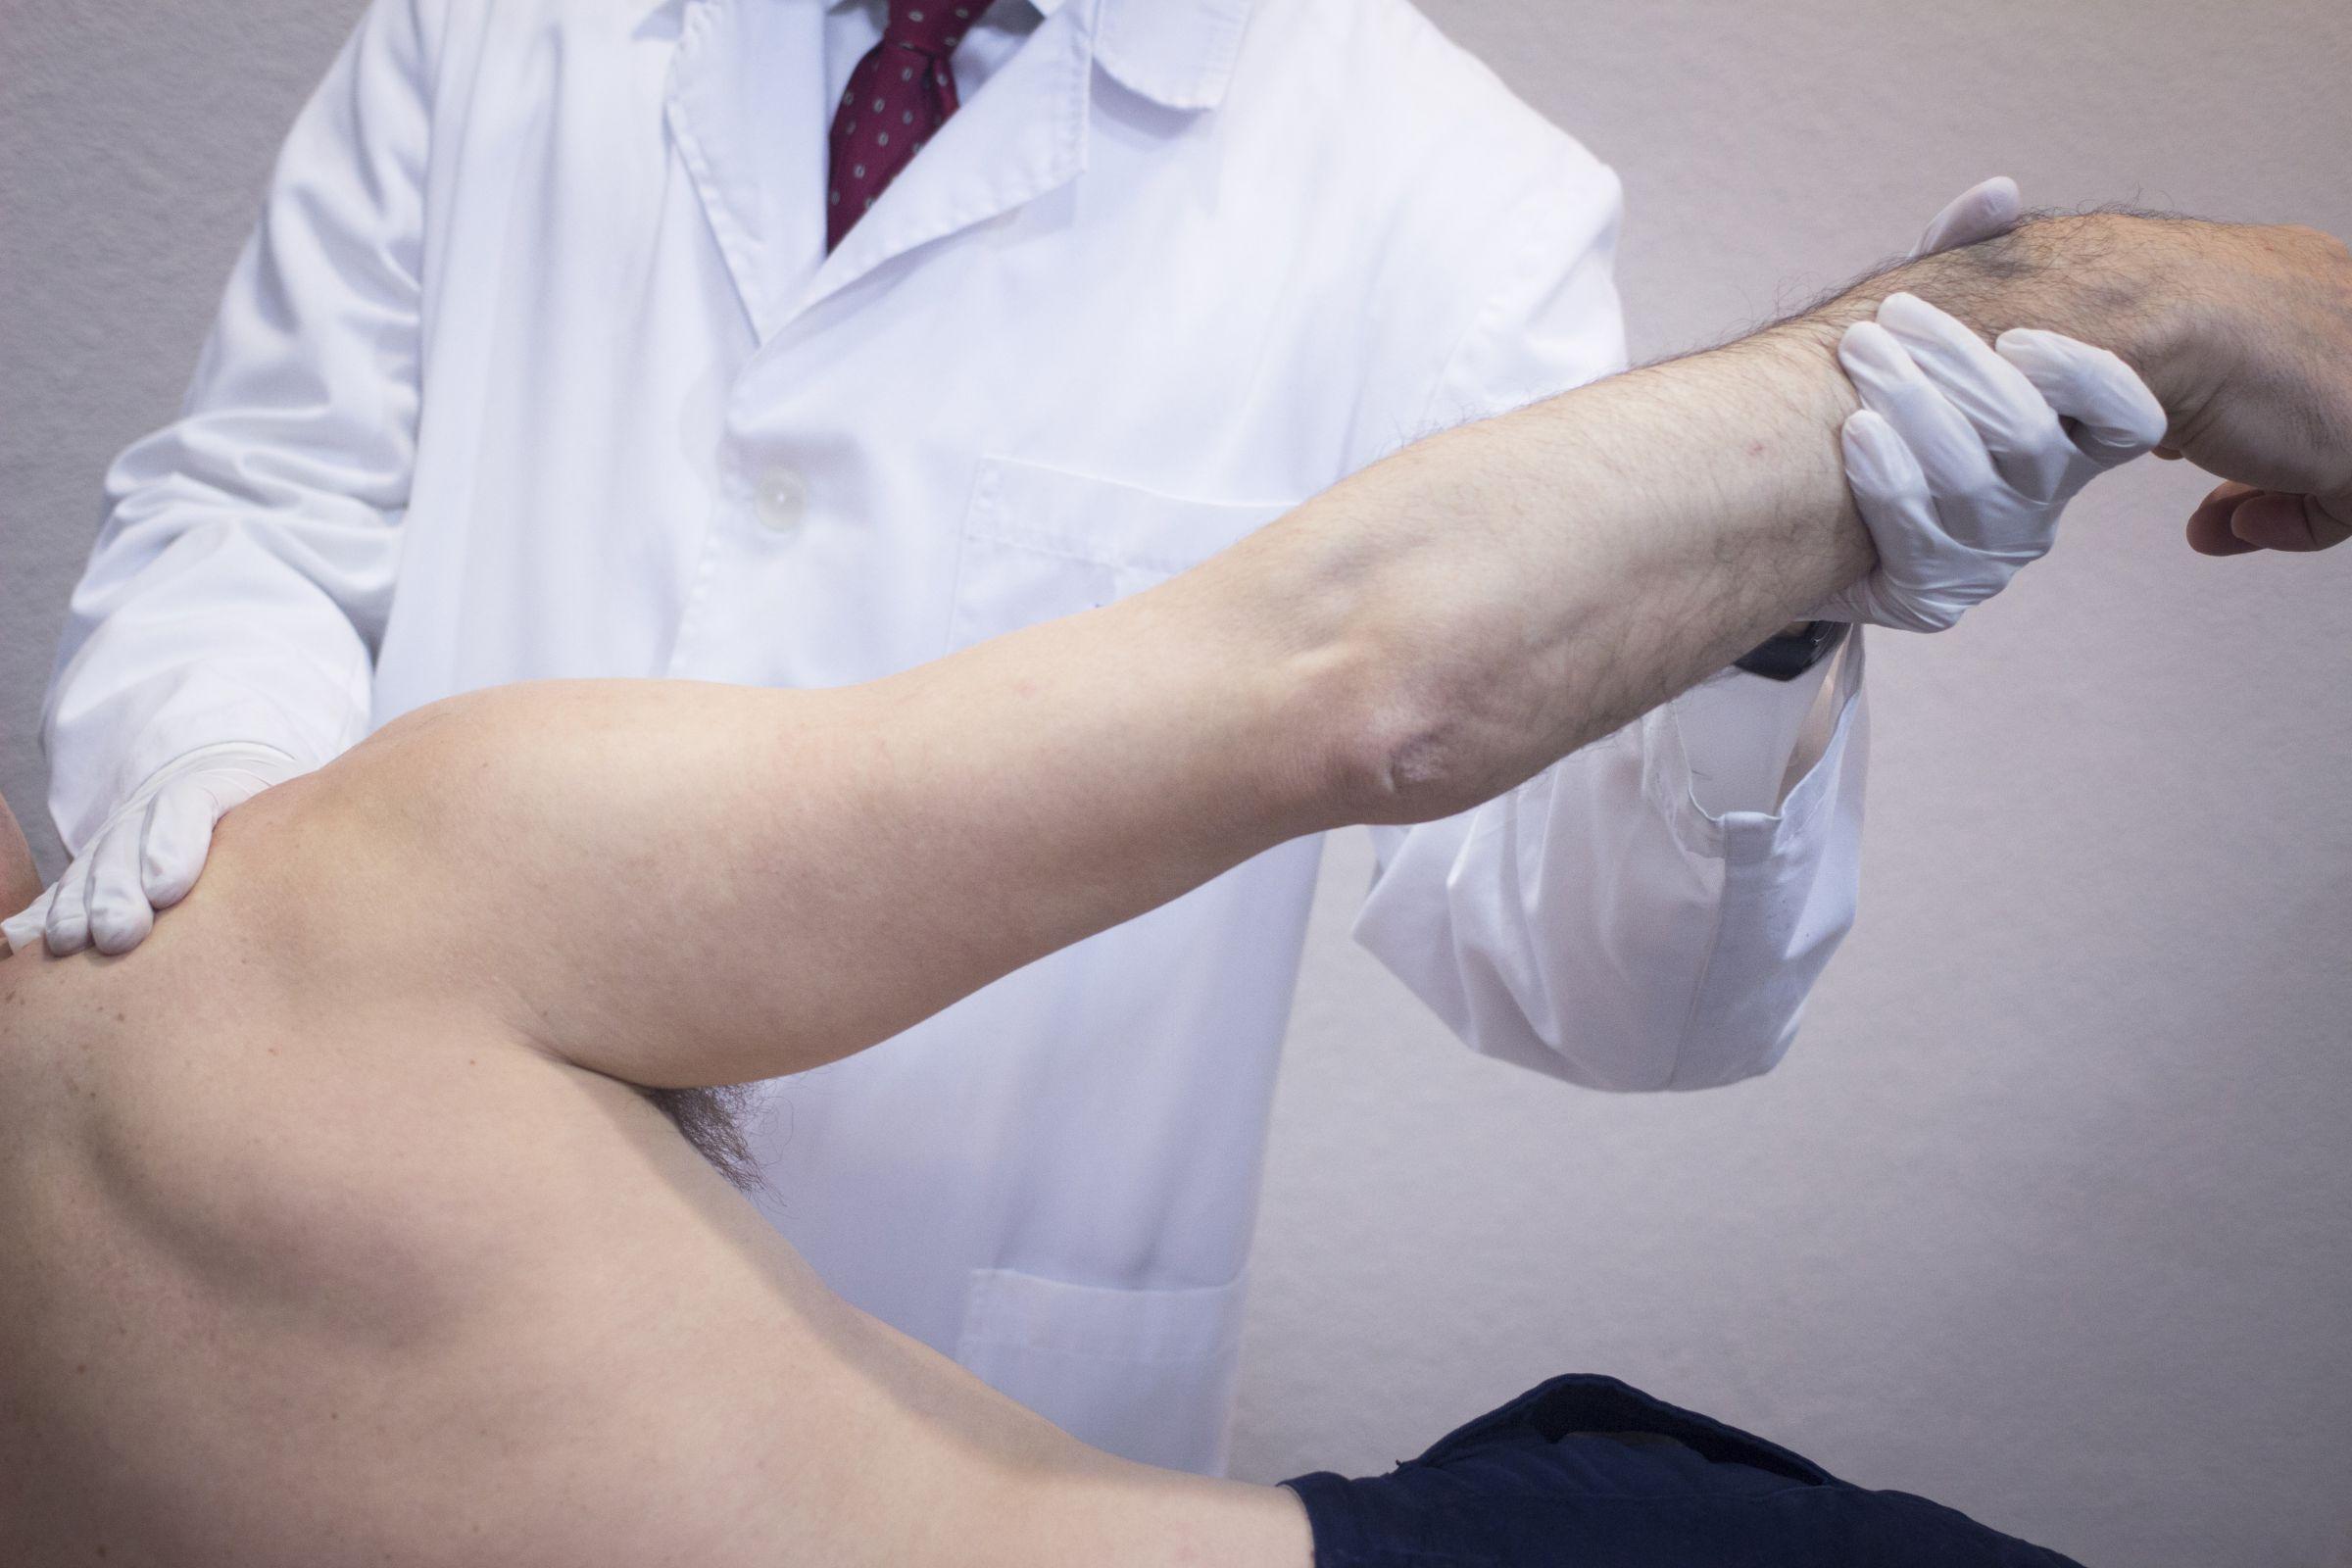 Άμεση ανάταξη Εξαρθρήματος Ώμου με ειδικούς χειρισμούς από τον ορθοπεδικό ιατρό